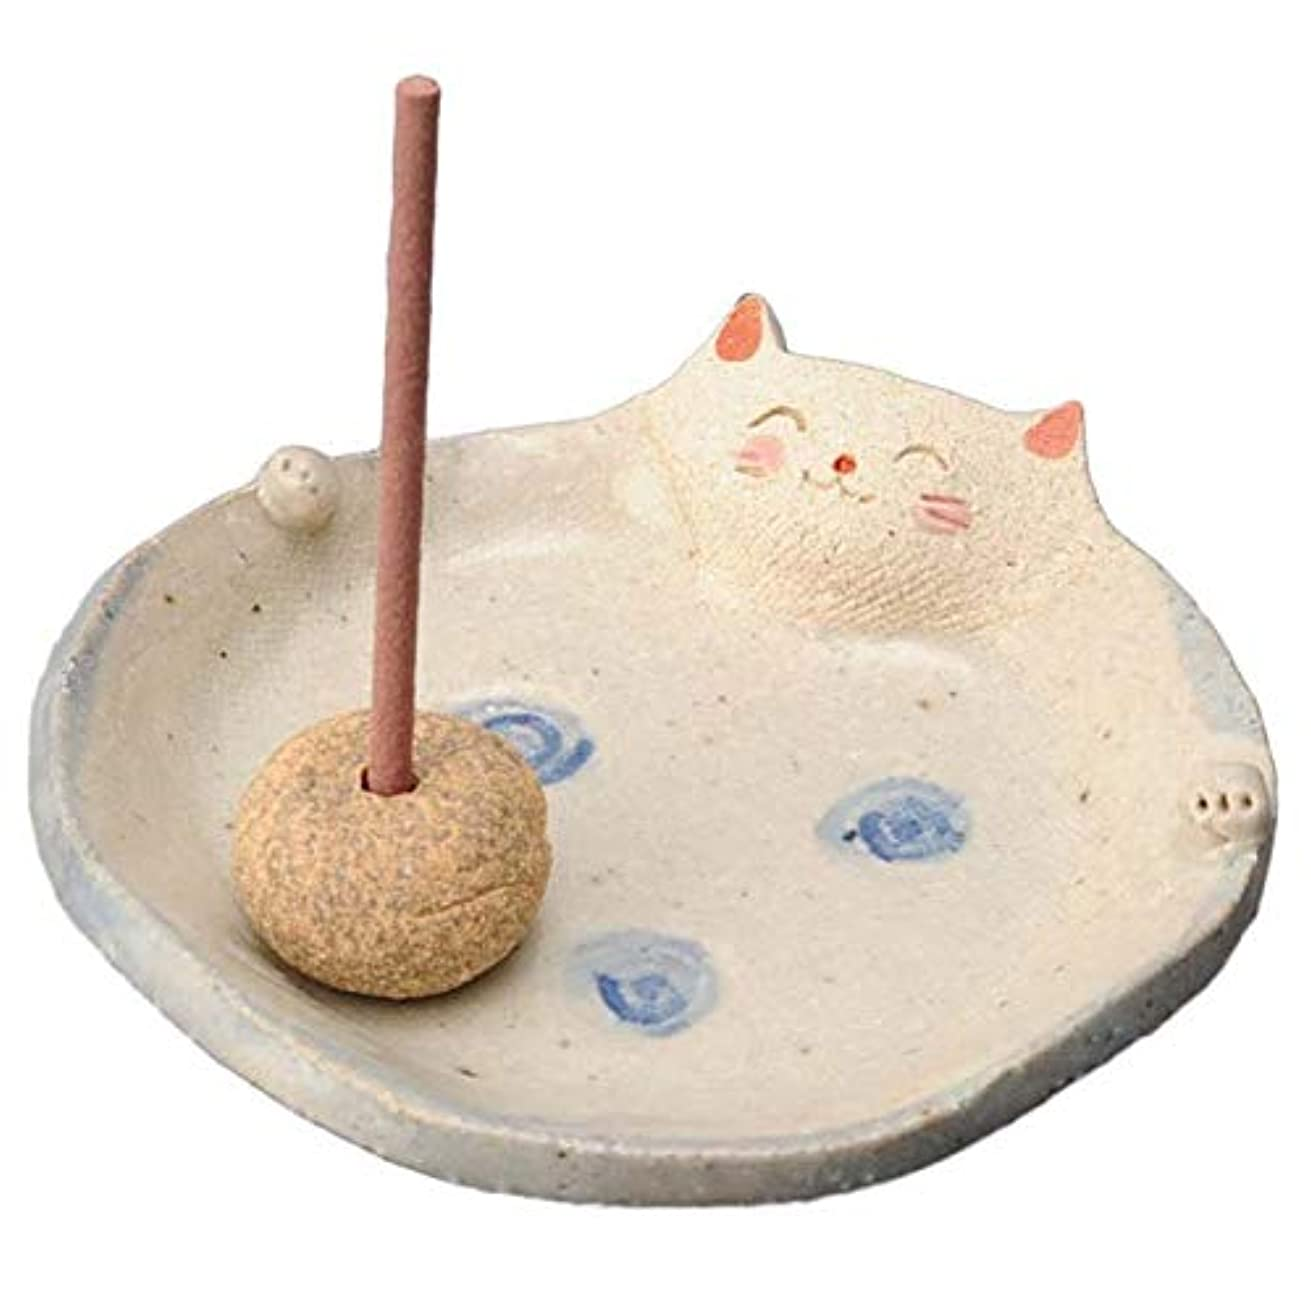 ポスト印象派しわ本土手造り 香皿 香立て/ふっくら 香皿(ネコ) /香り アロマ 癒やし リラックス インテリア プレゼント 贈り物